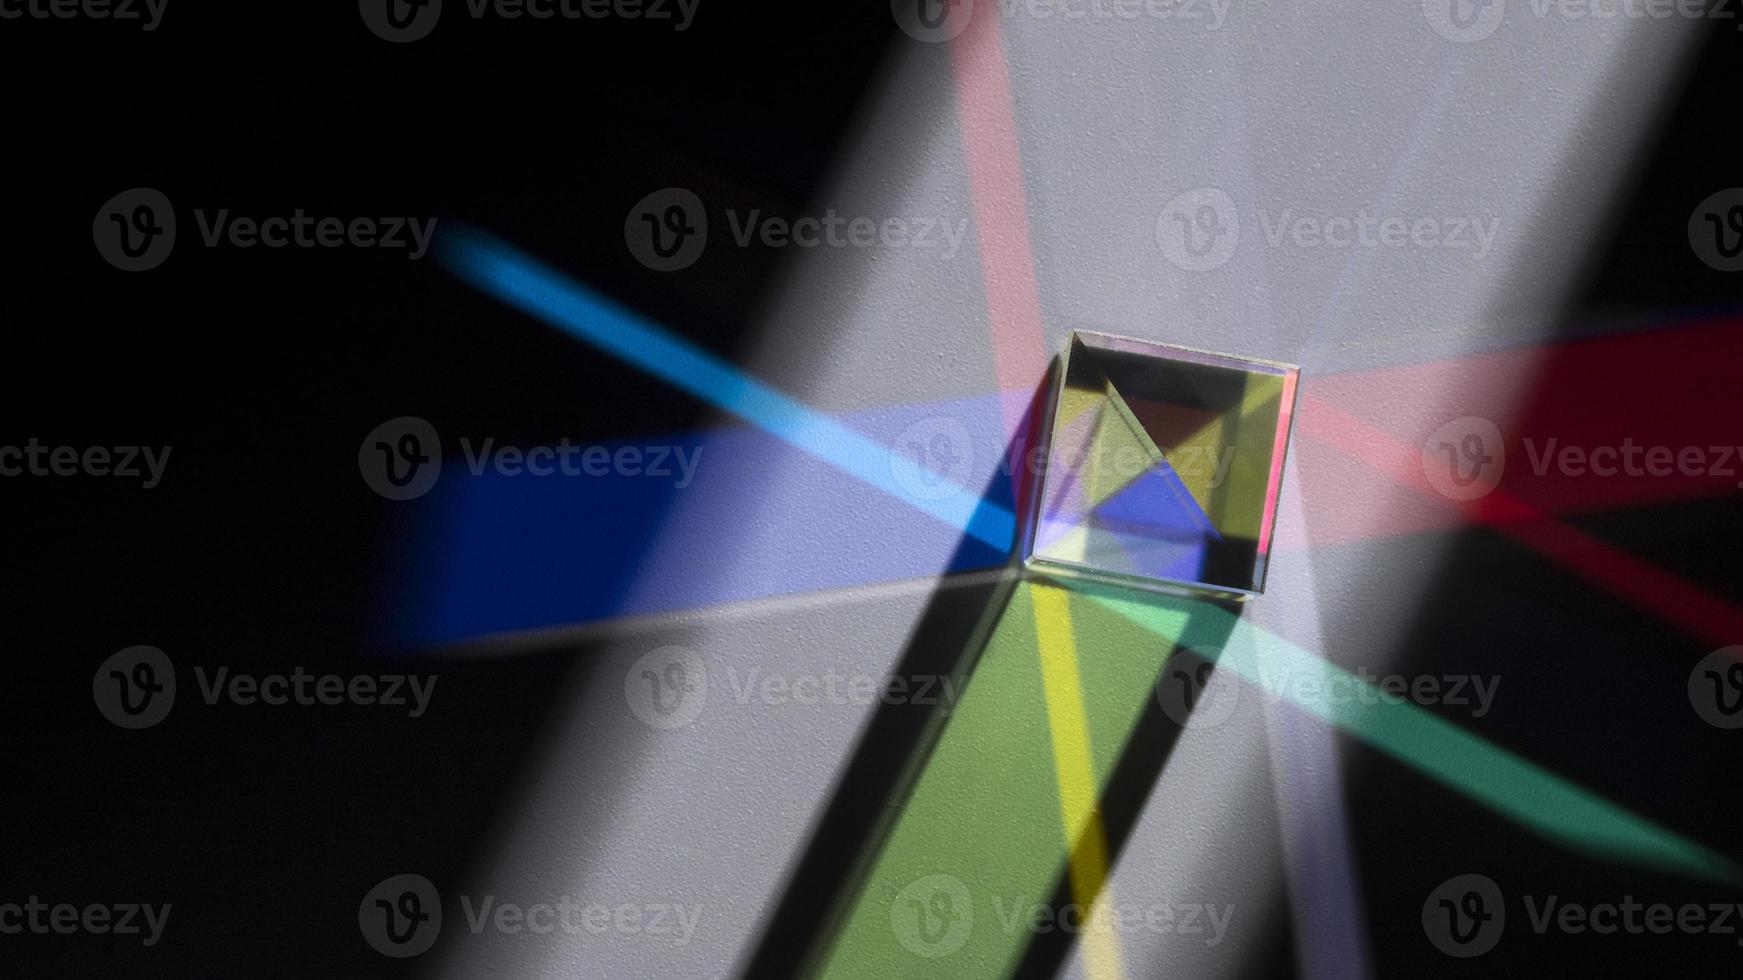 prisme dispersant des lumières colorées photo